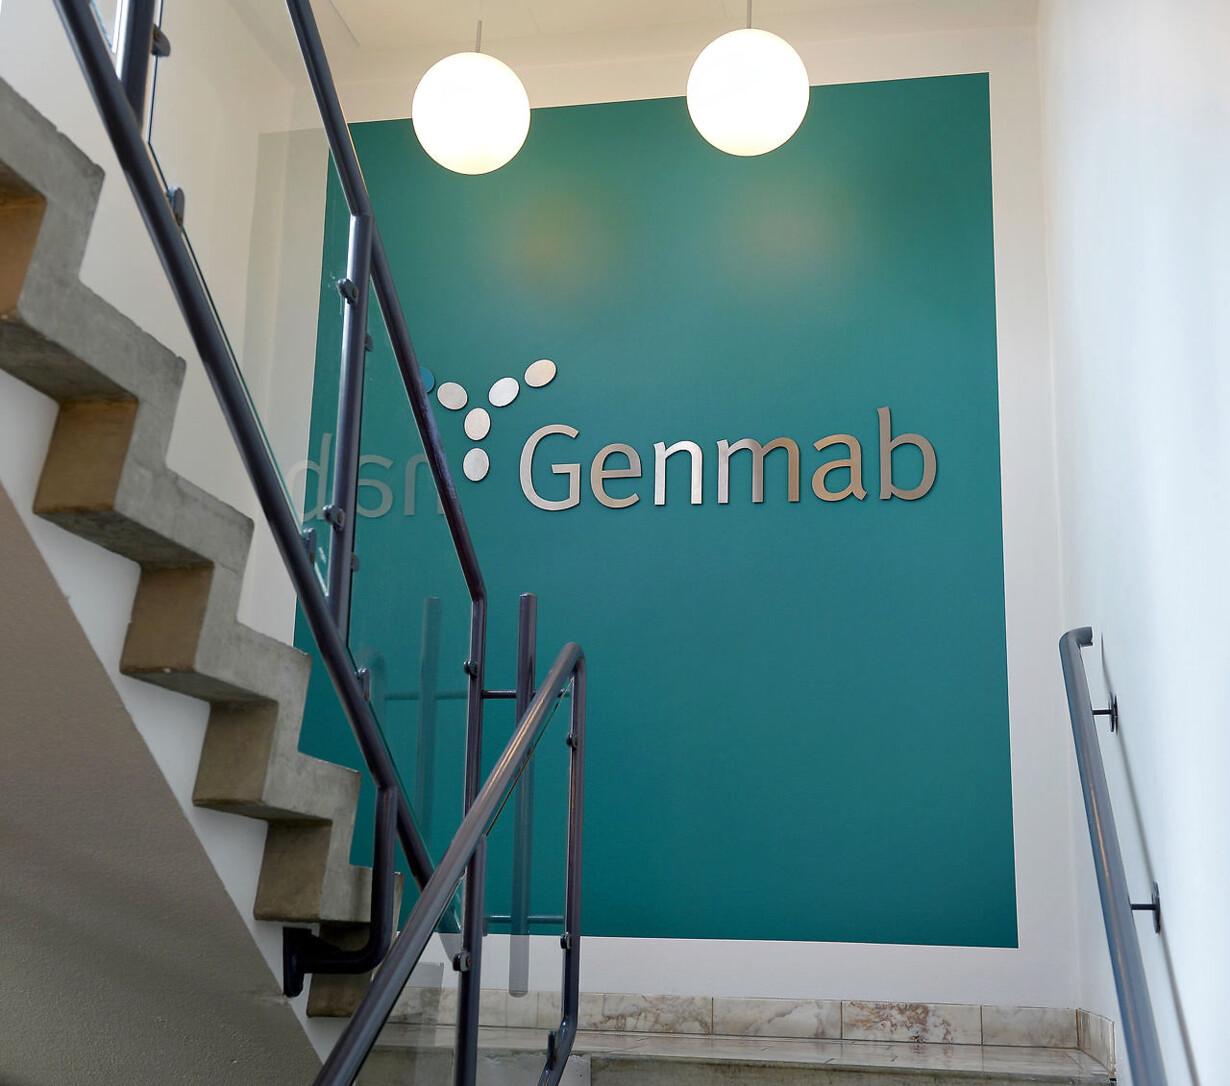 Genmab Genmab A/S